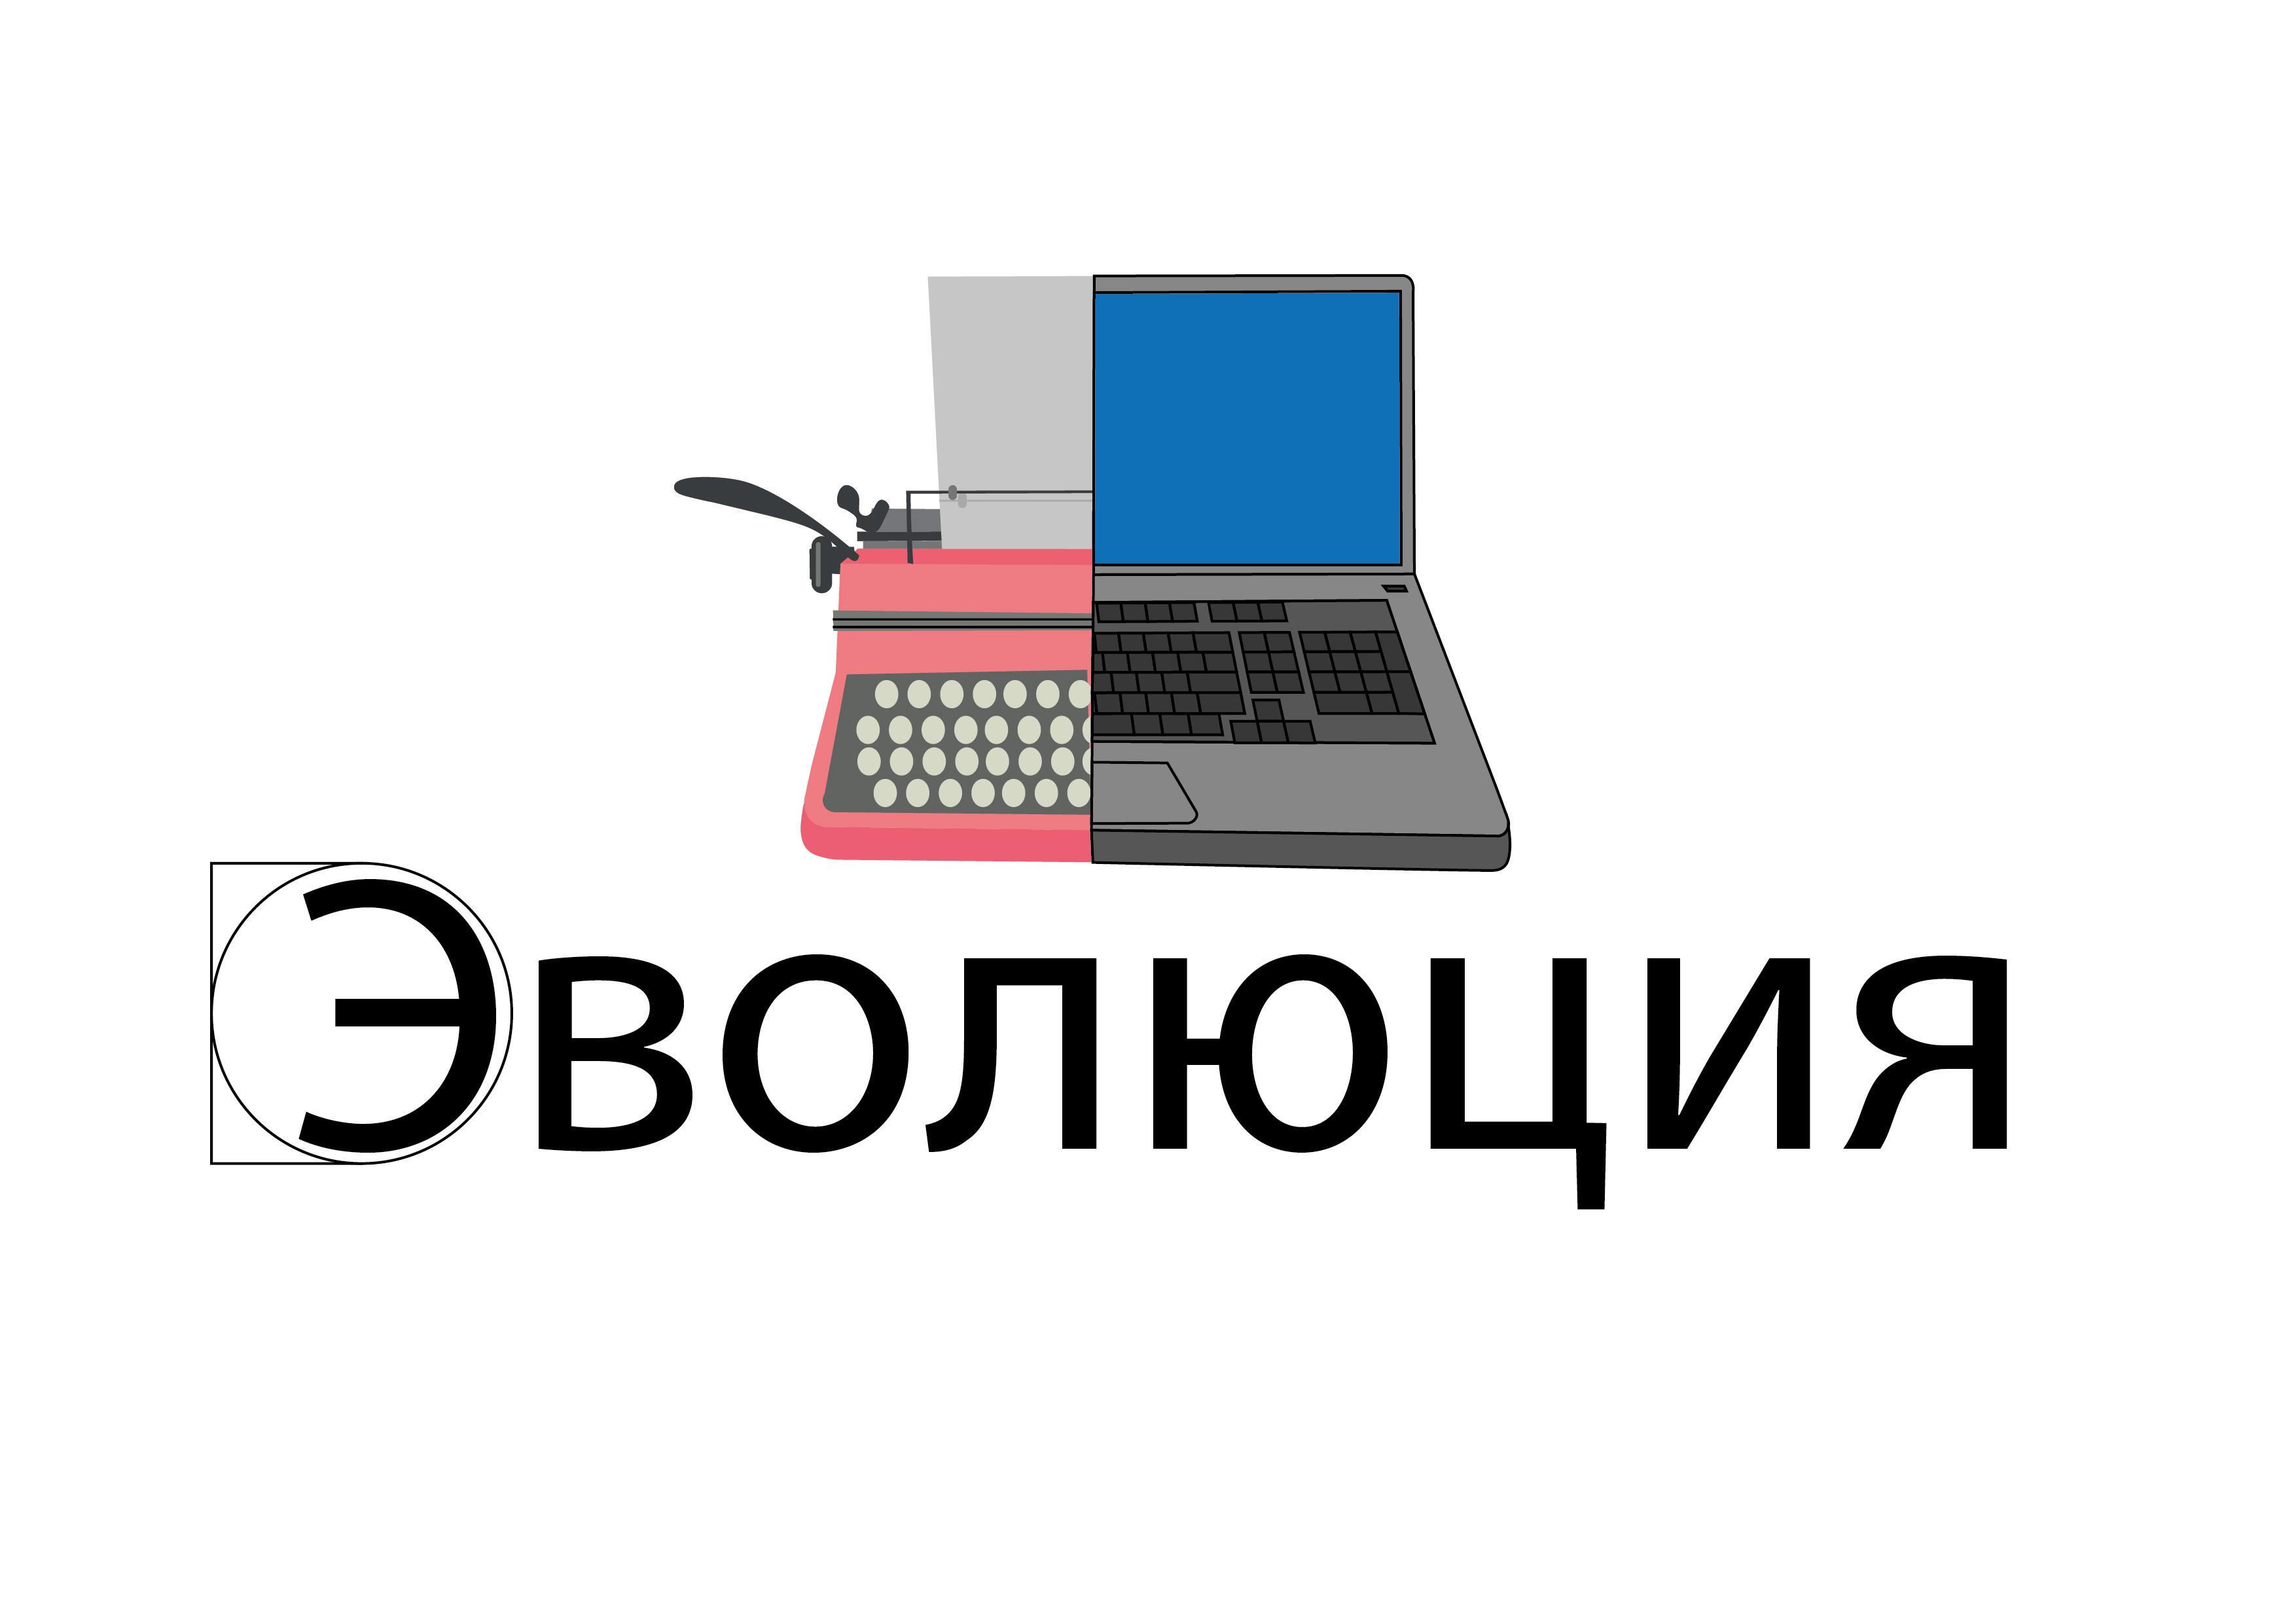 Разработать логотип для Онлайн-школы и сообщества фото f_7385bc5e67d7d794.jpg